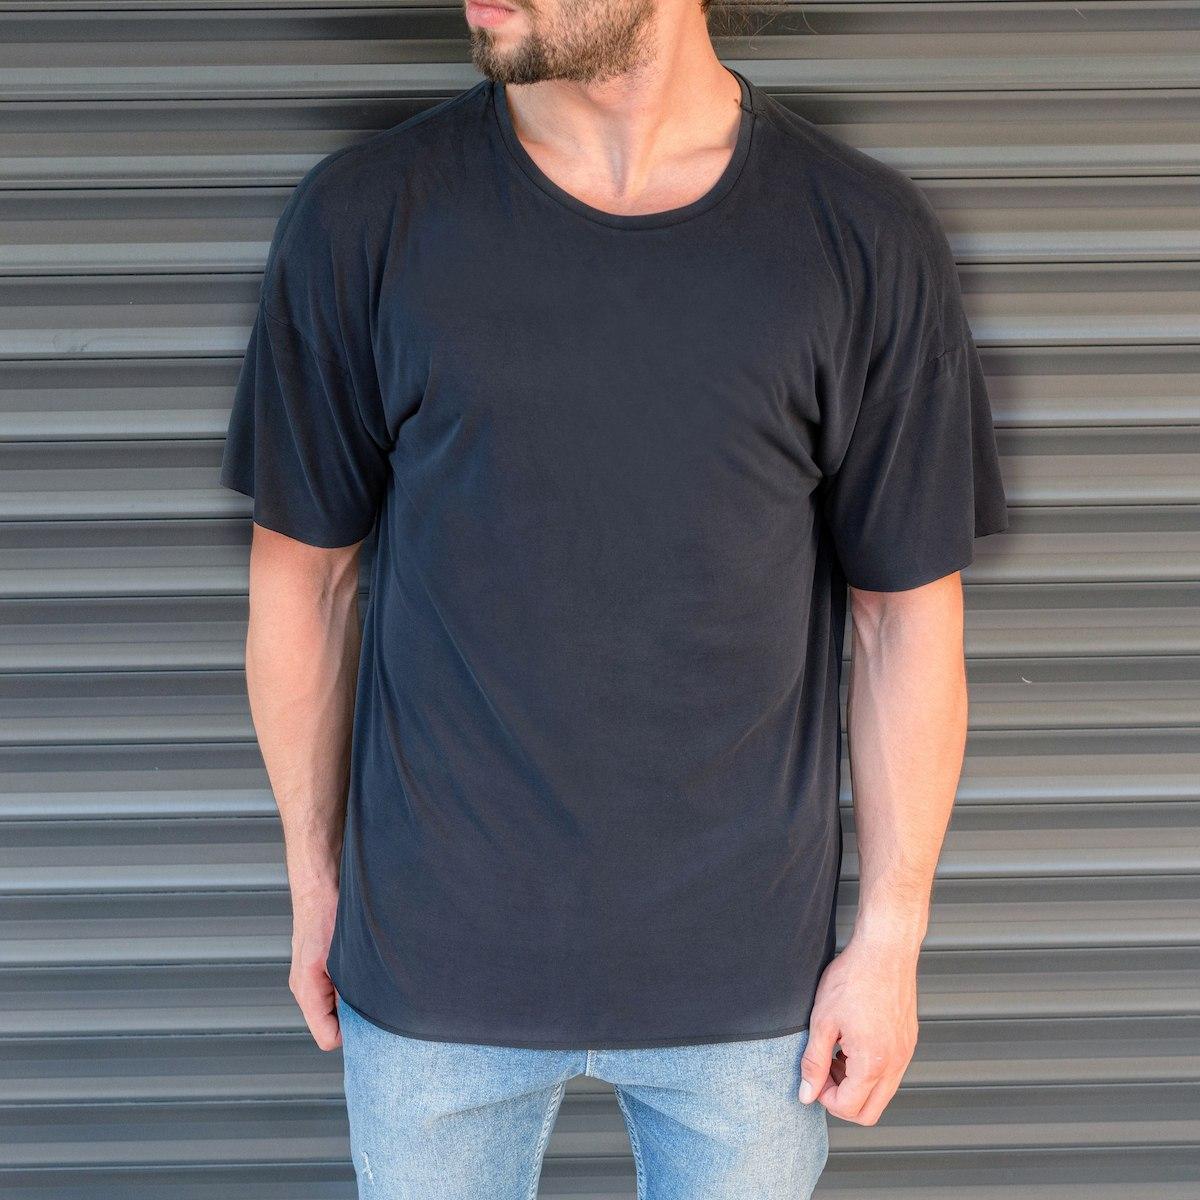 Men's Basic Oversize T-Shirt In Navy Blue